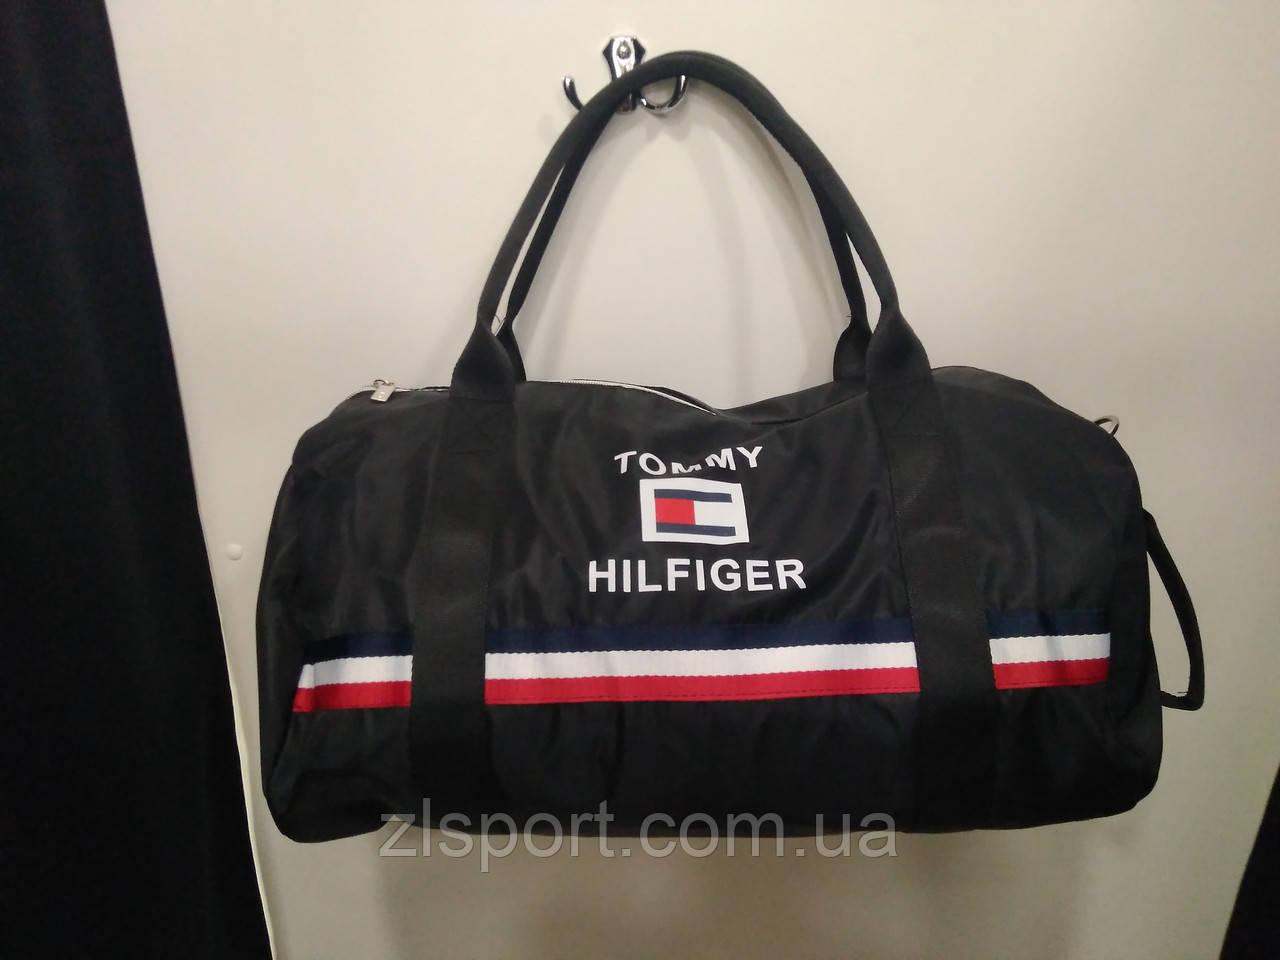 1d5f0c187407 Спортивная сумка Tommy Hilfiger - Интернет магазин спортивной одежды